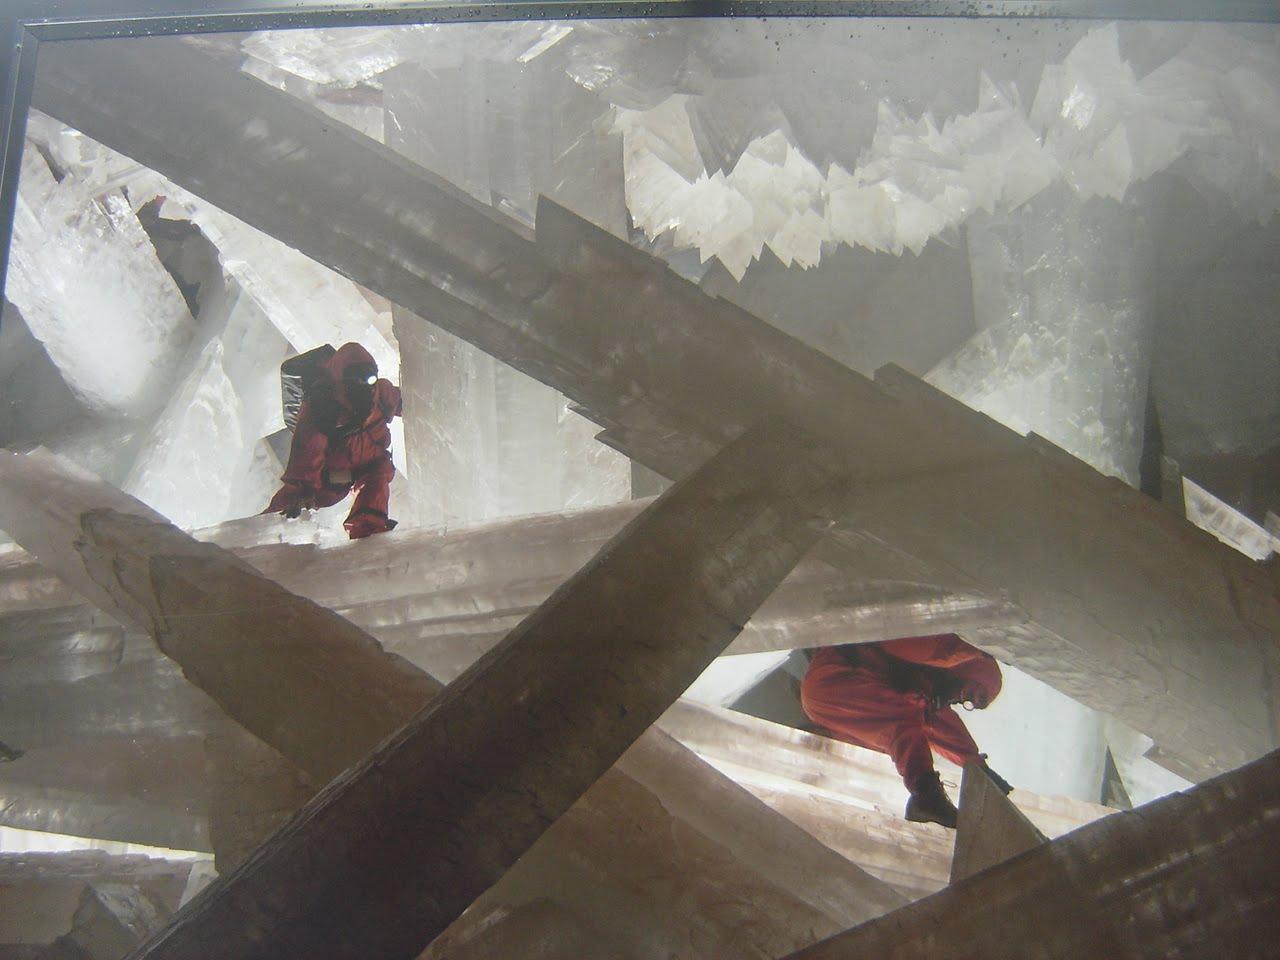 cuevas de naica cuevas de crista